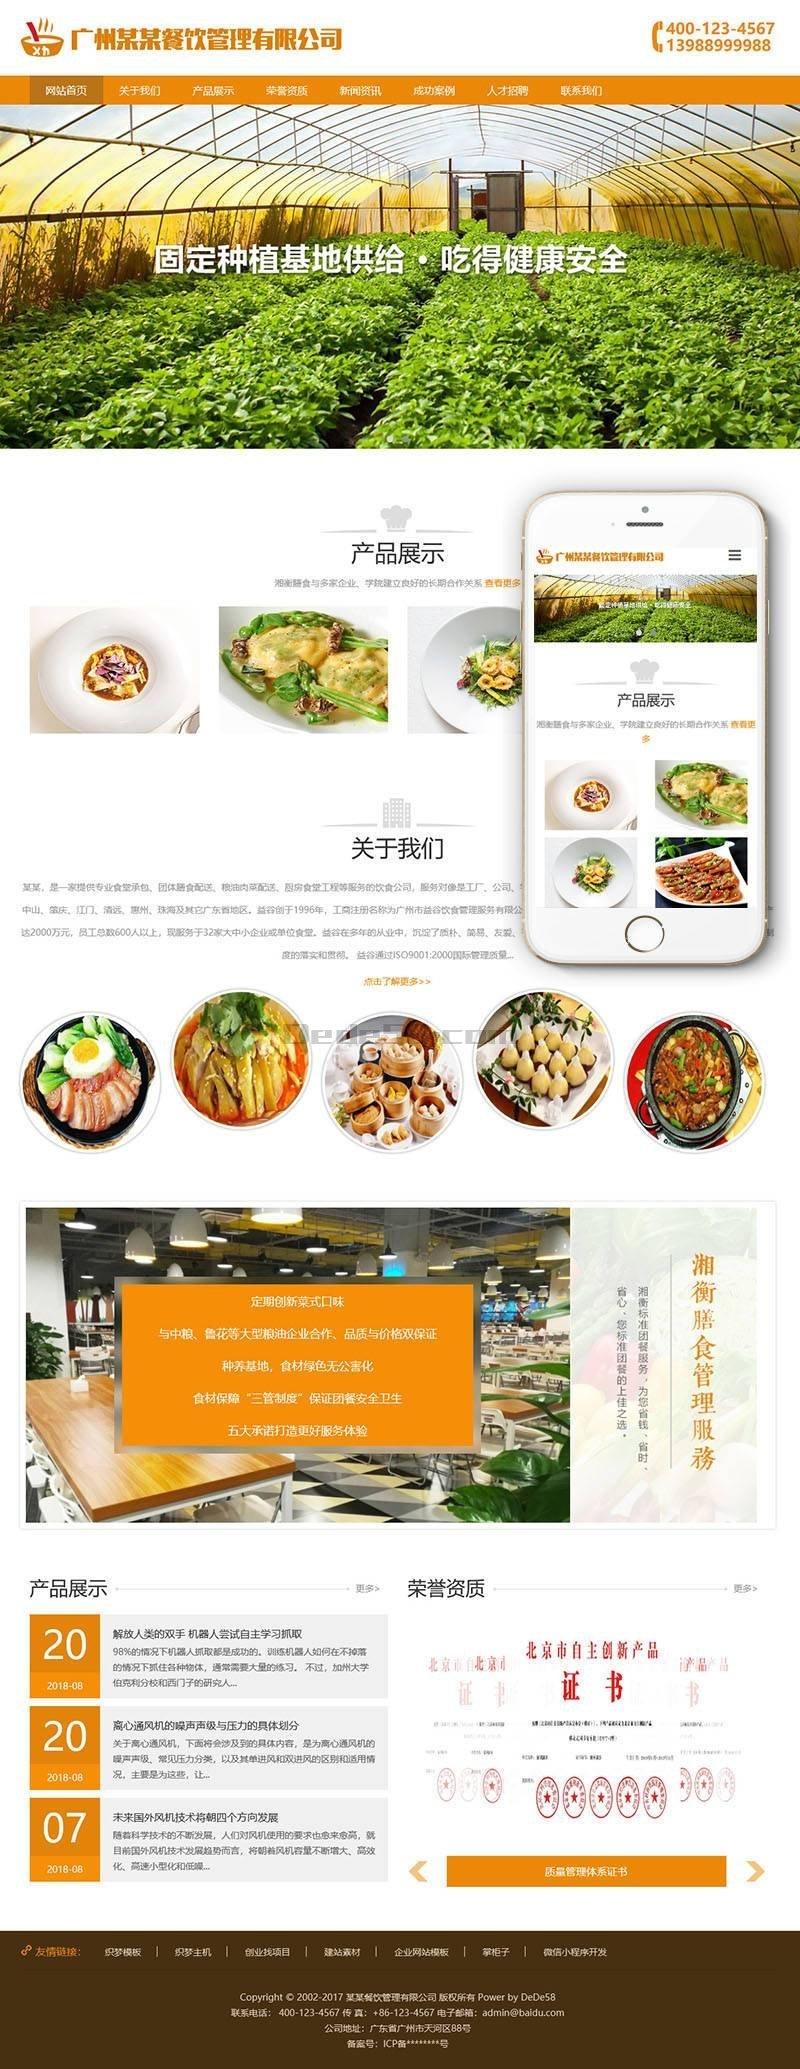 响应式膳食餐饮管理类织梦模板(自适应手机端)+利于SEO优化 第1张